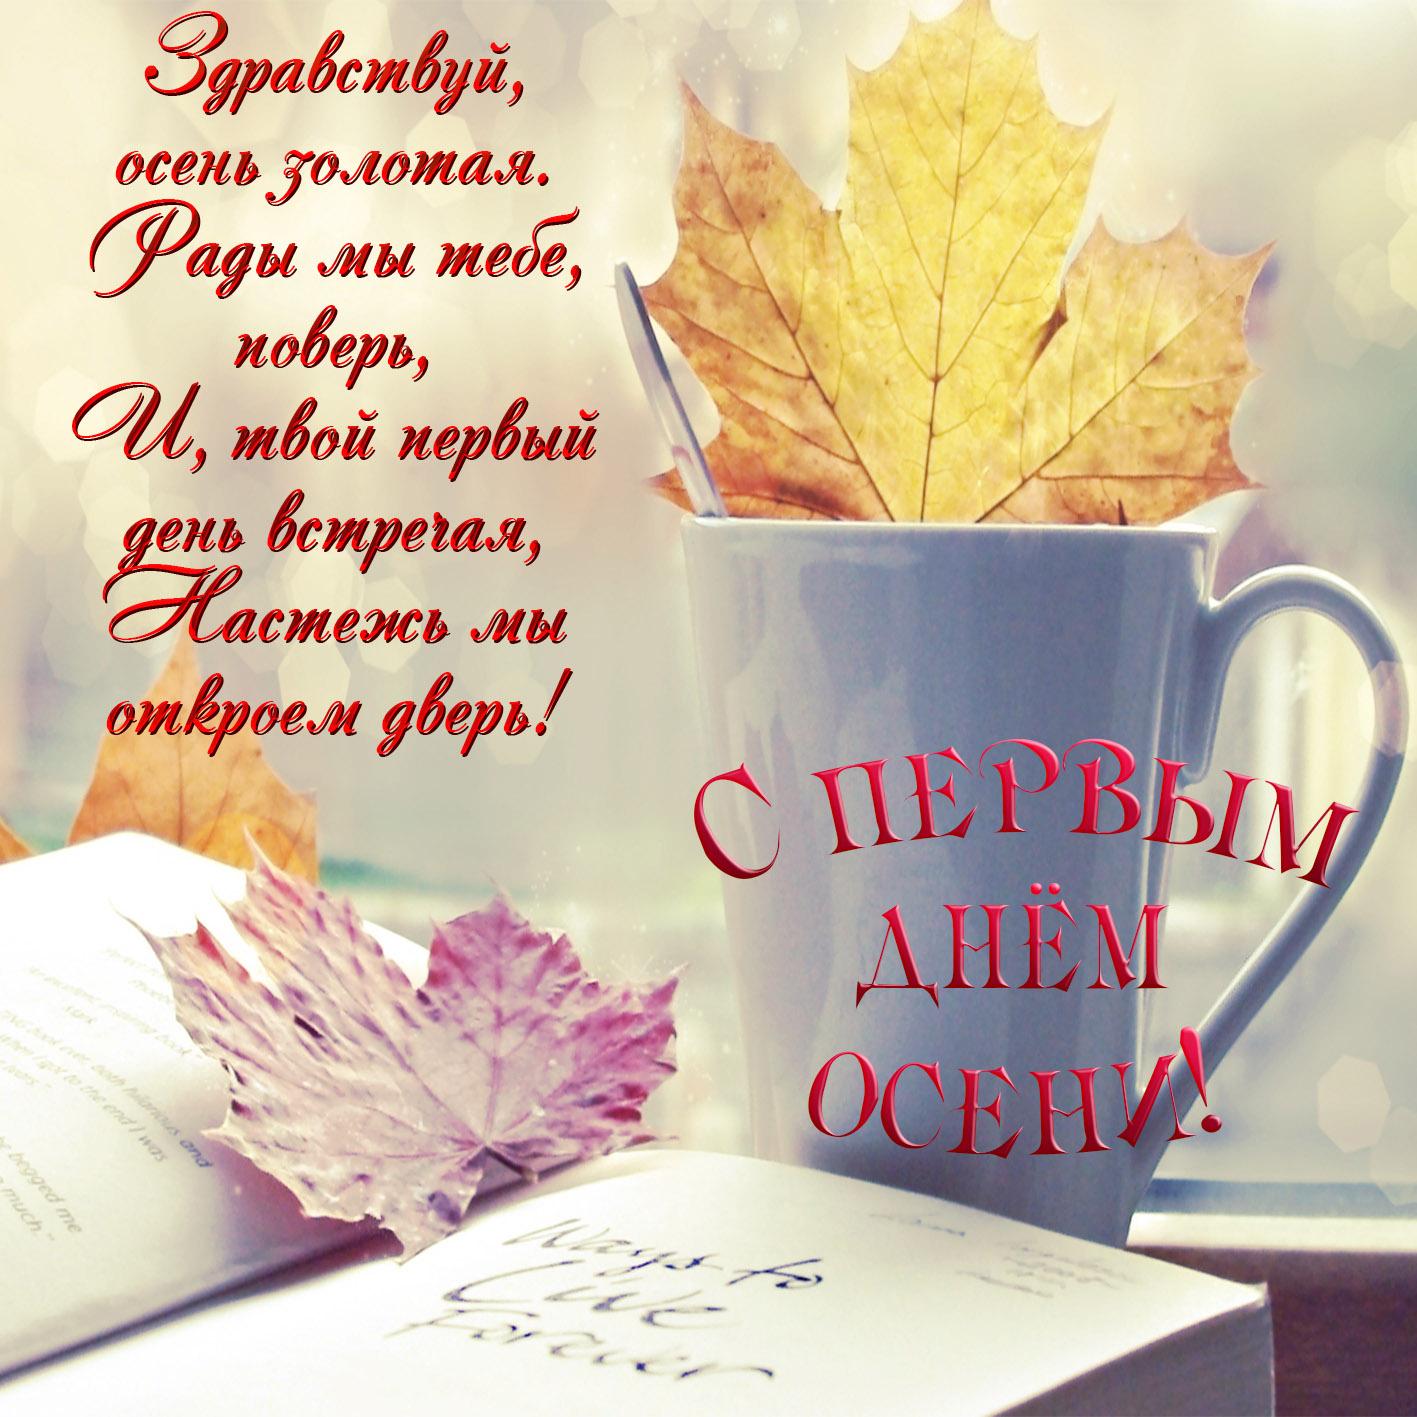 Открыток москва, последний день сентября картинки стихи